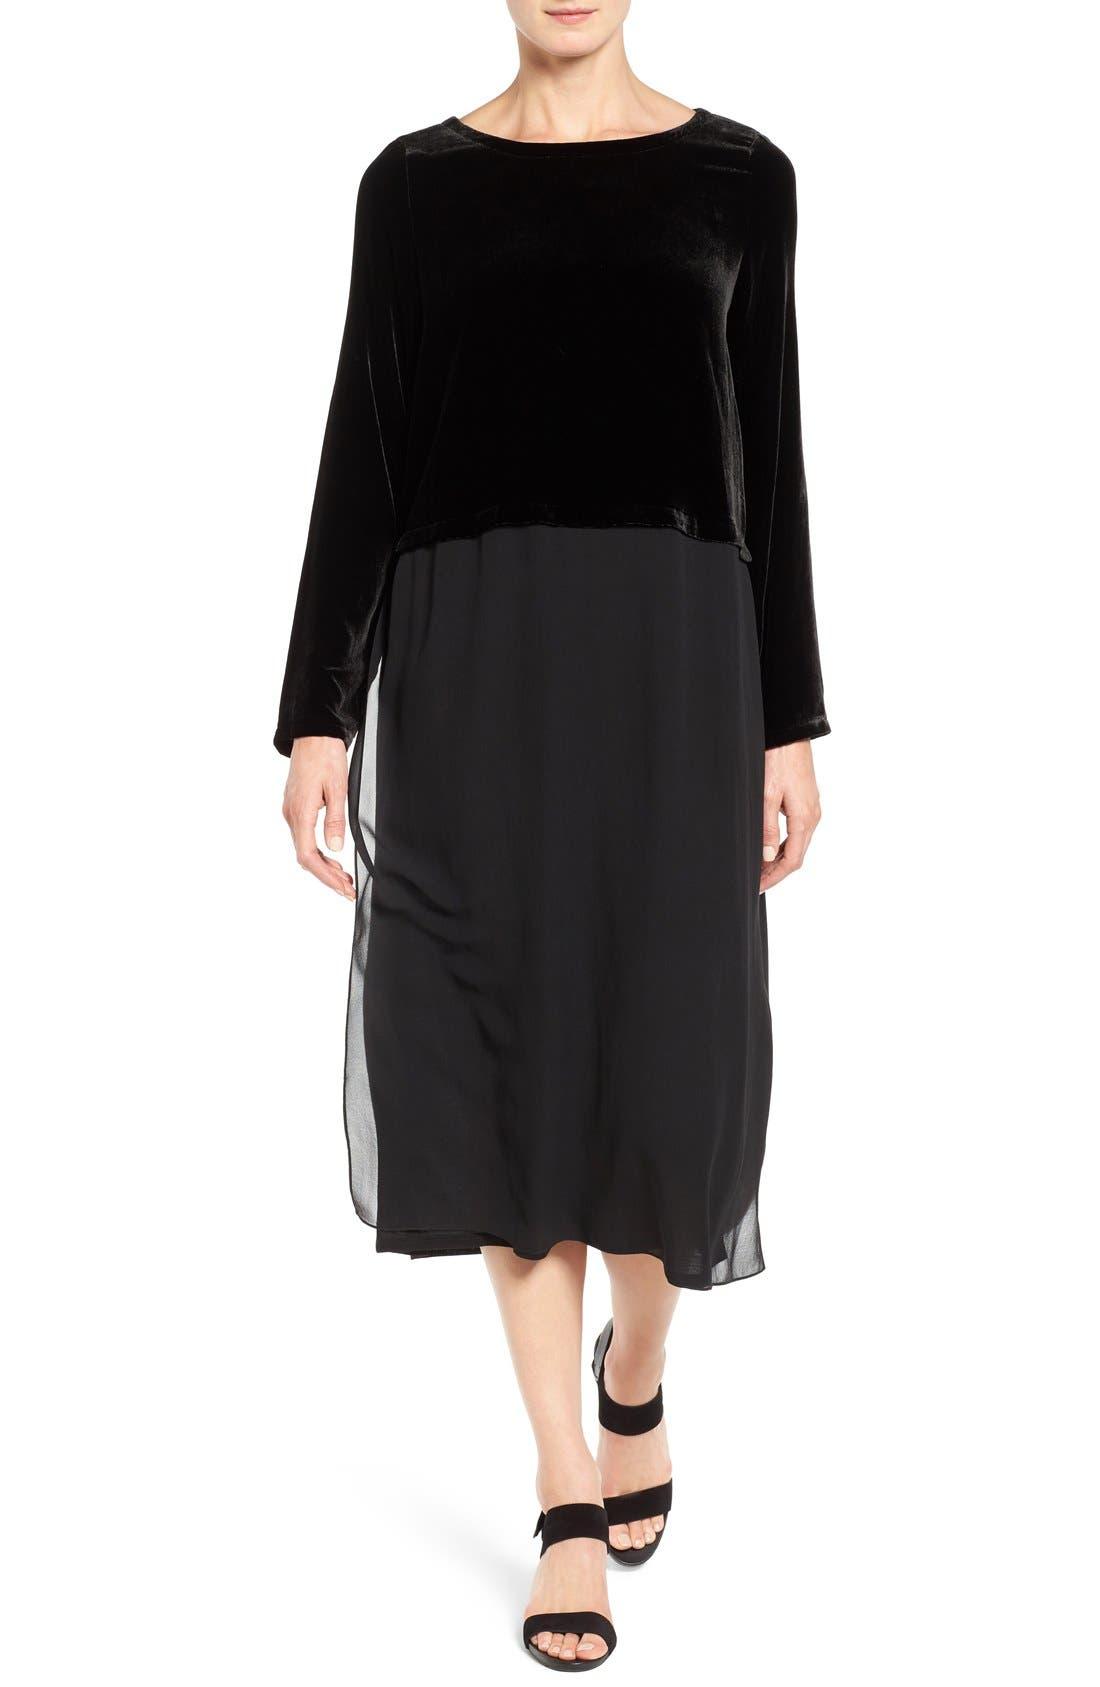 Velvet & Silk Midi Length Shift Dress,                             Main thumbnail 1, color,                             001